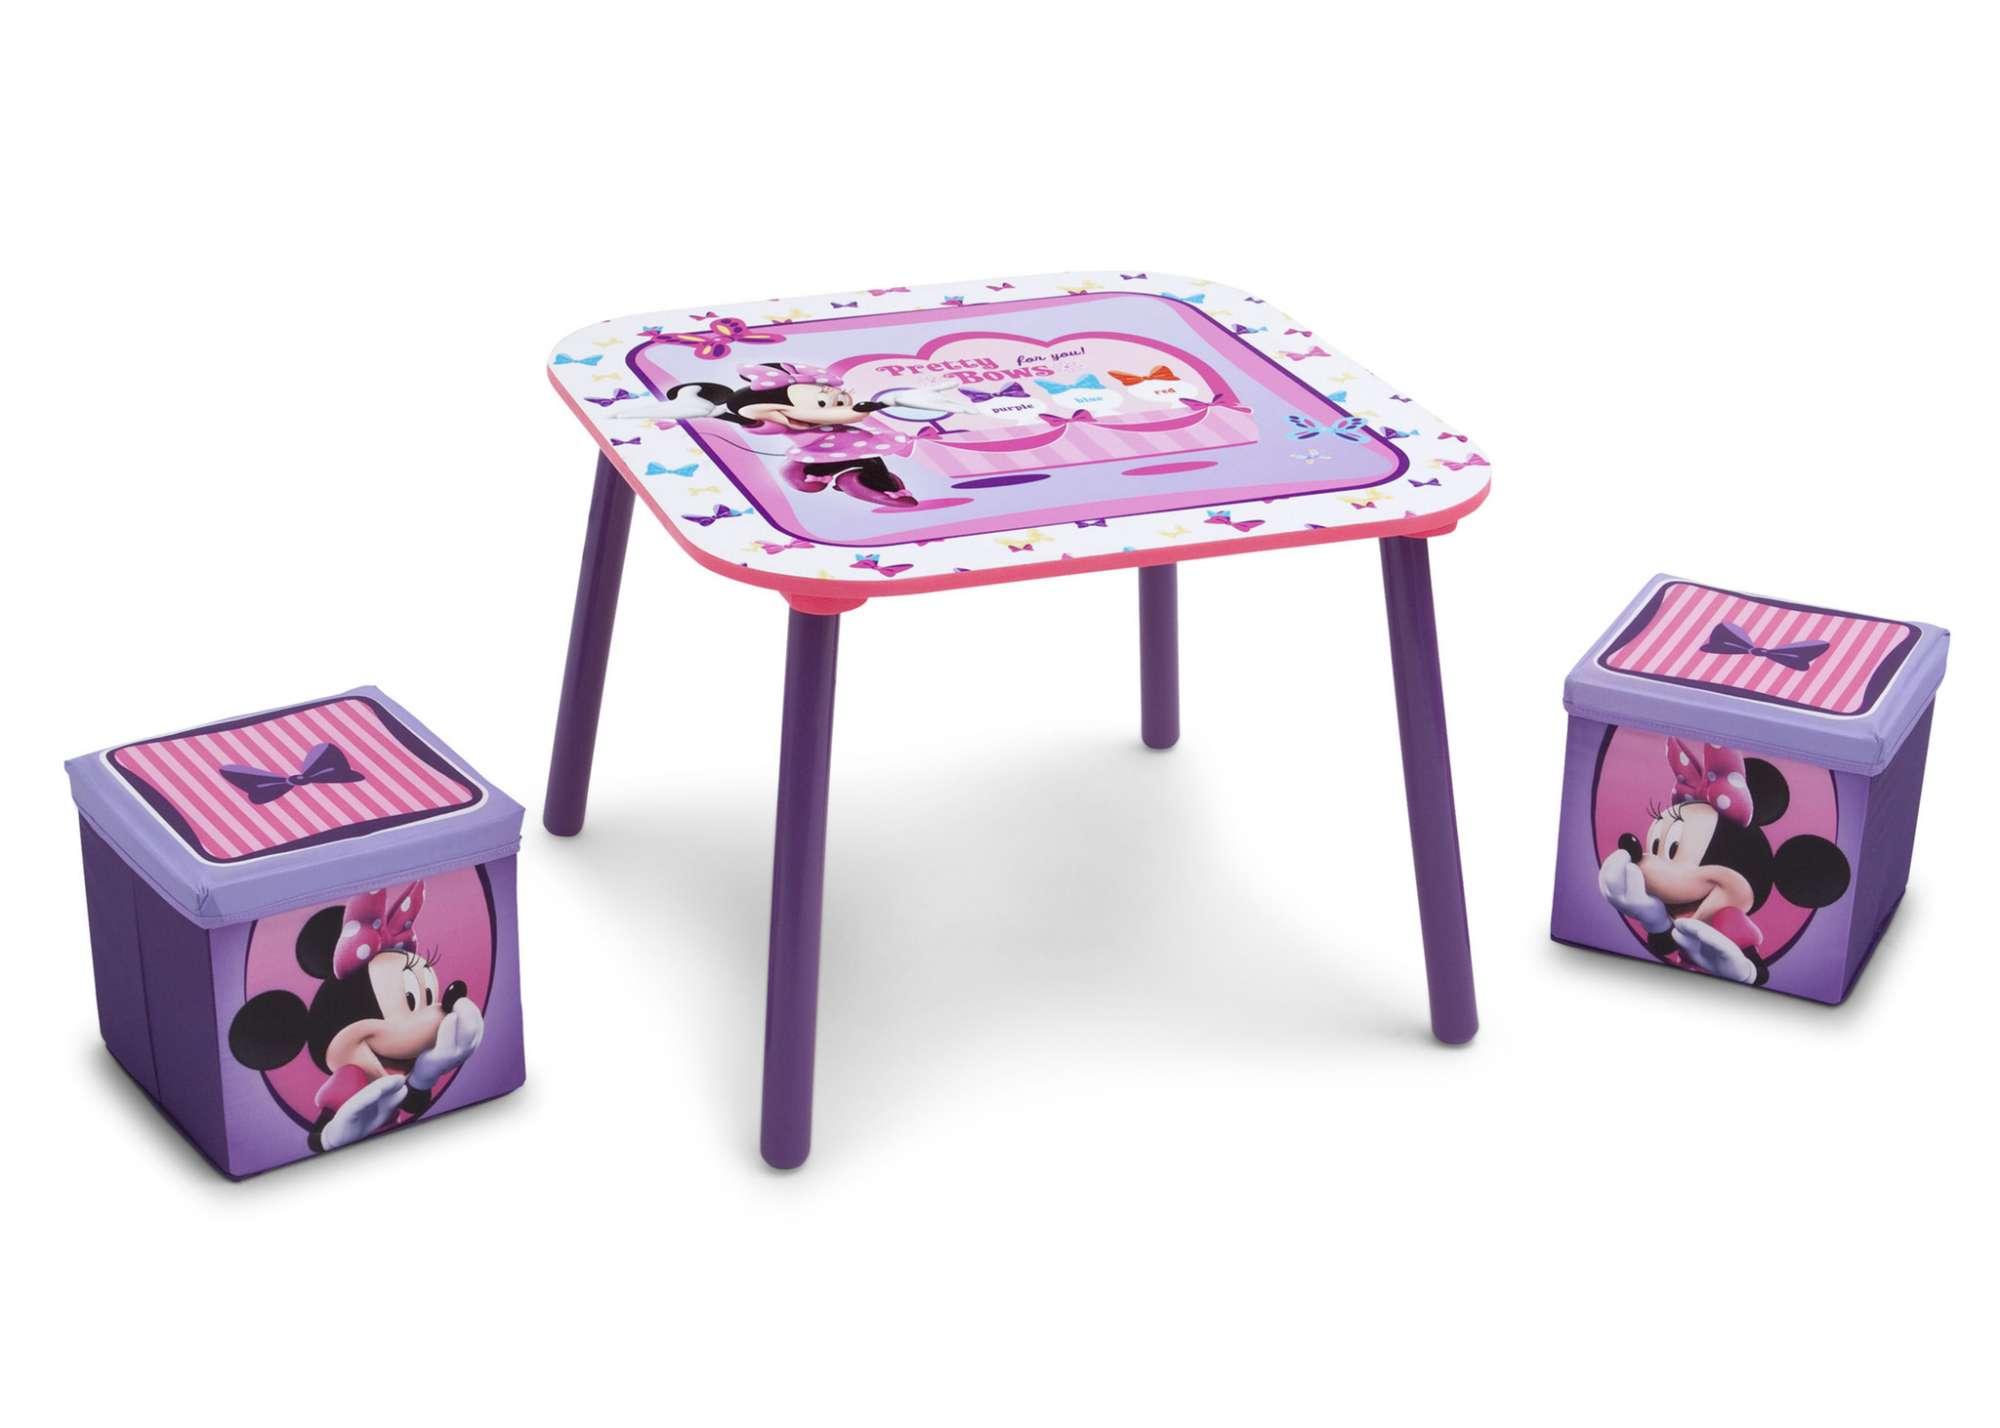 Dětský stůl + 2 taburety Minnie Mouse